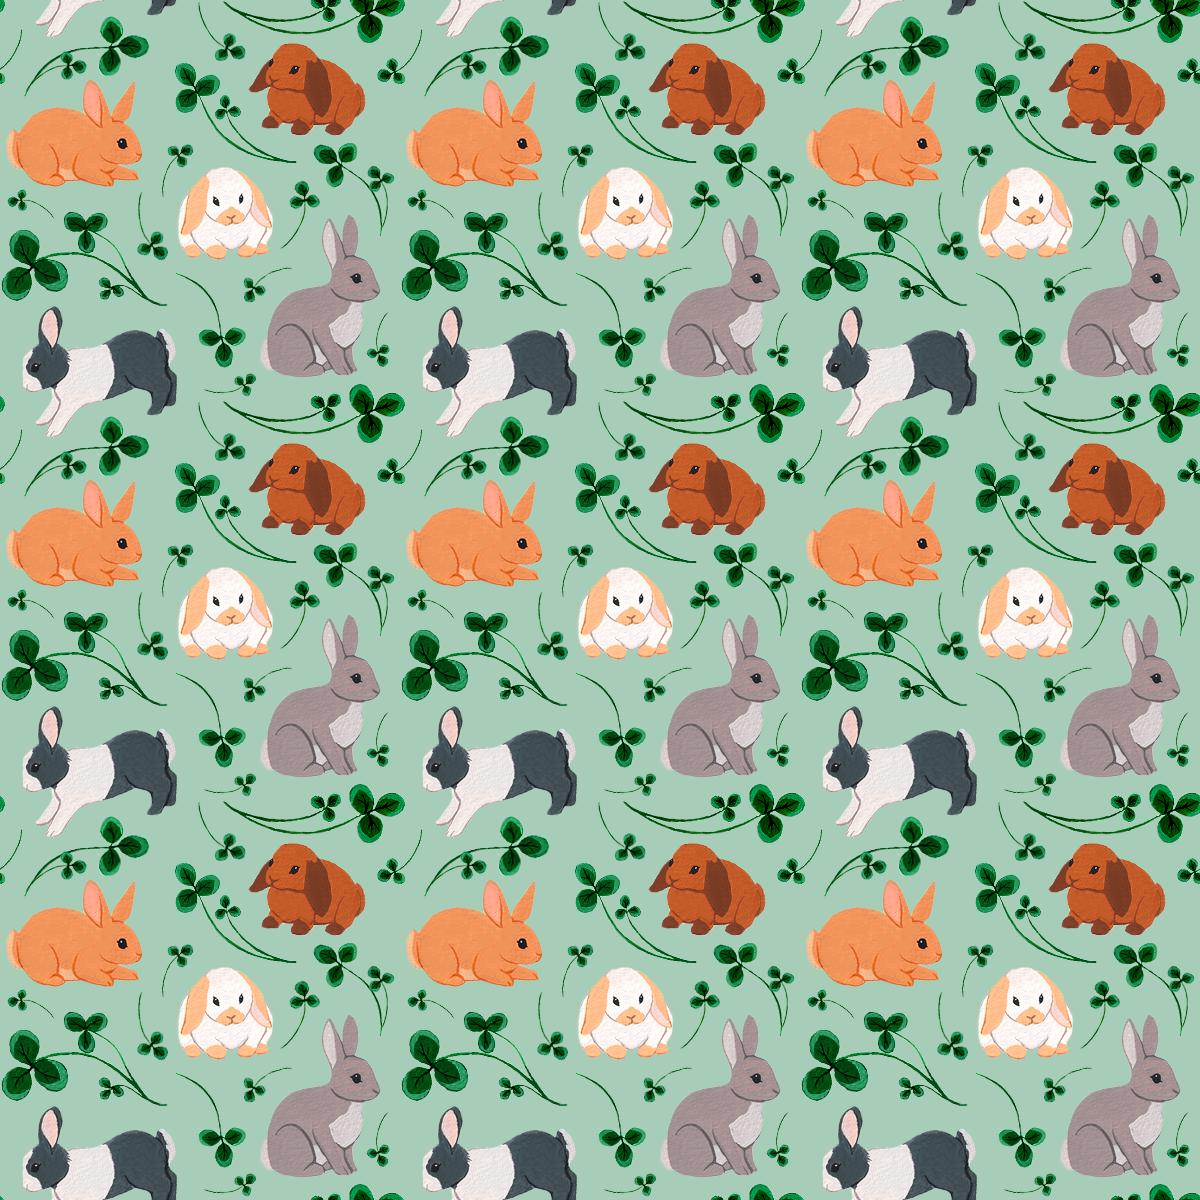 Bunny & Clover